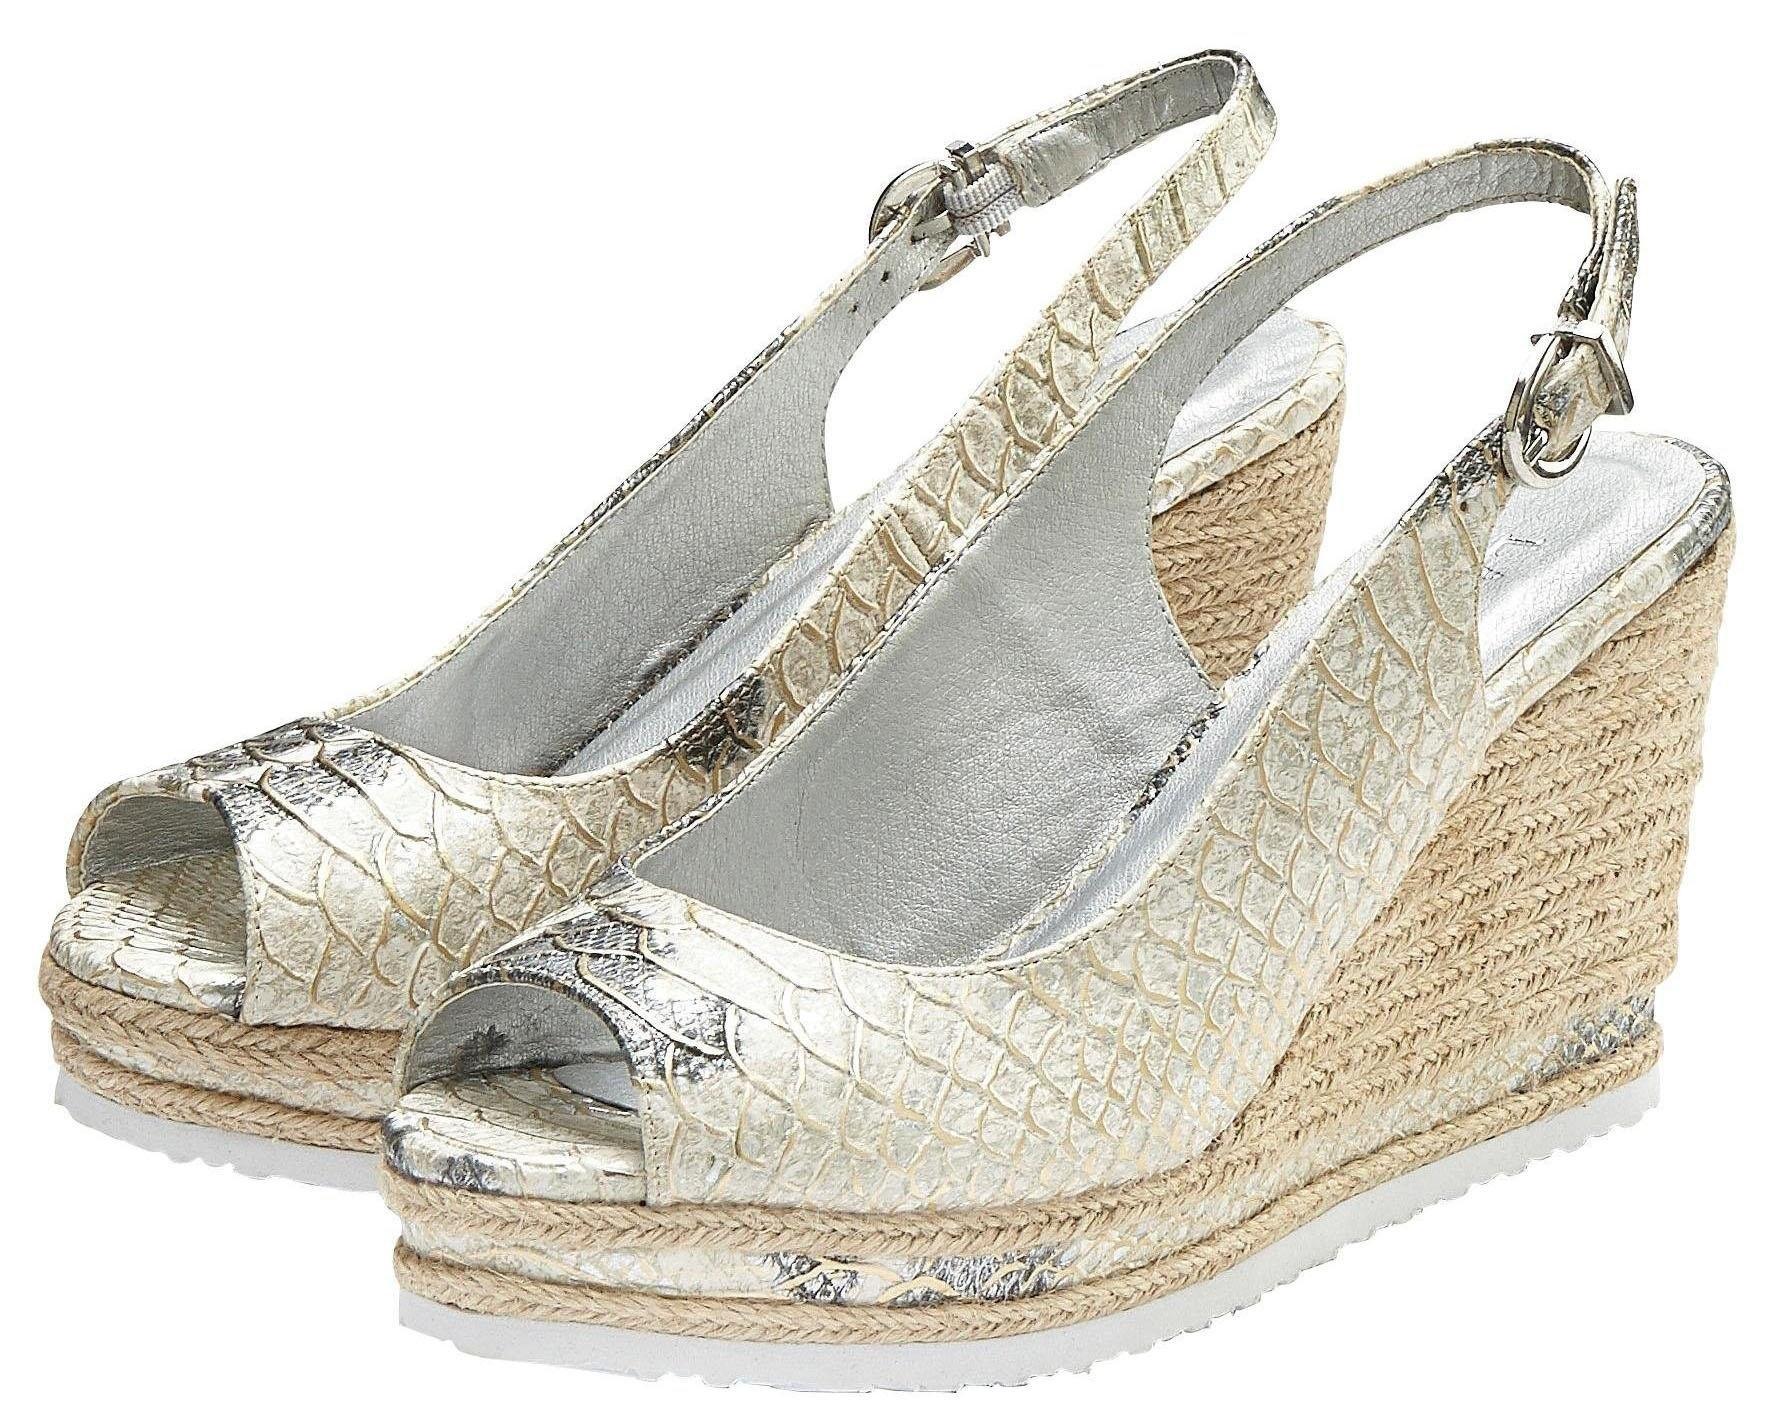 LASCANA highheel-sandaaltjes nu online kopen bij OTTO